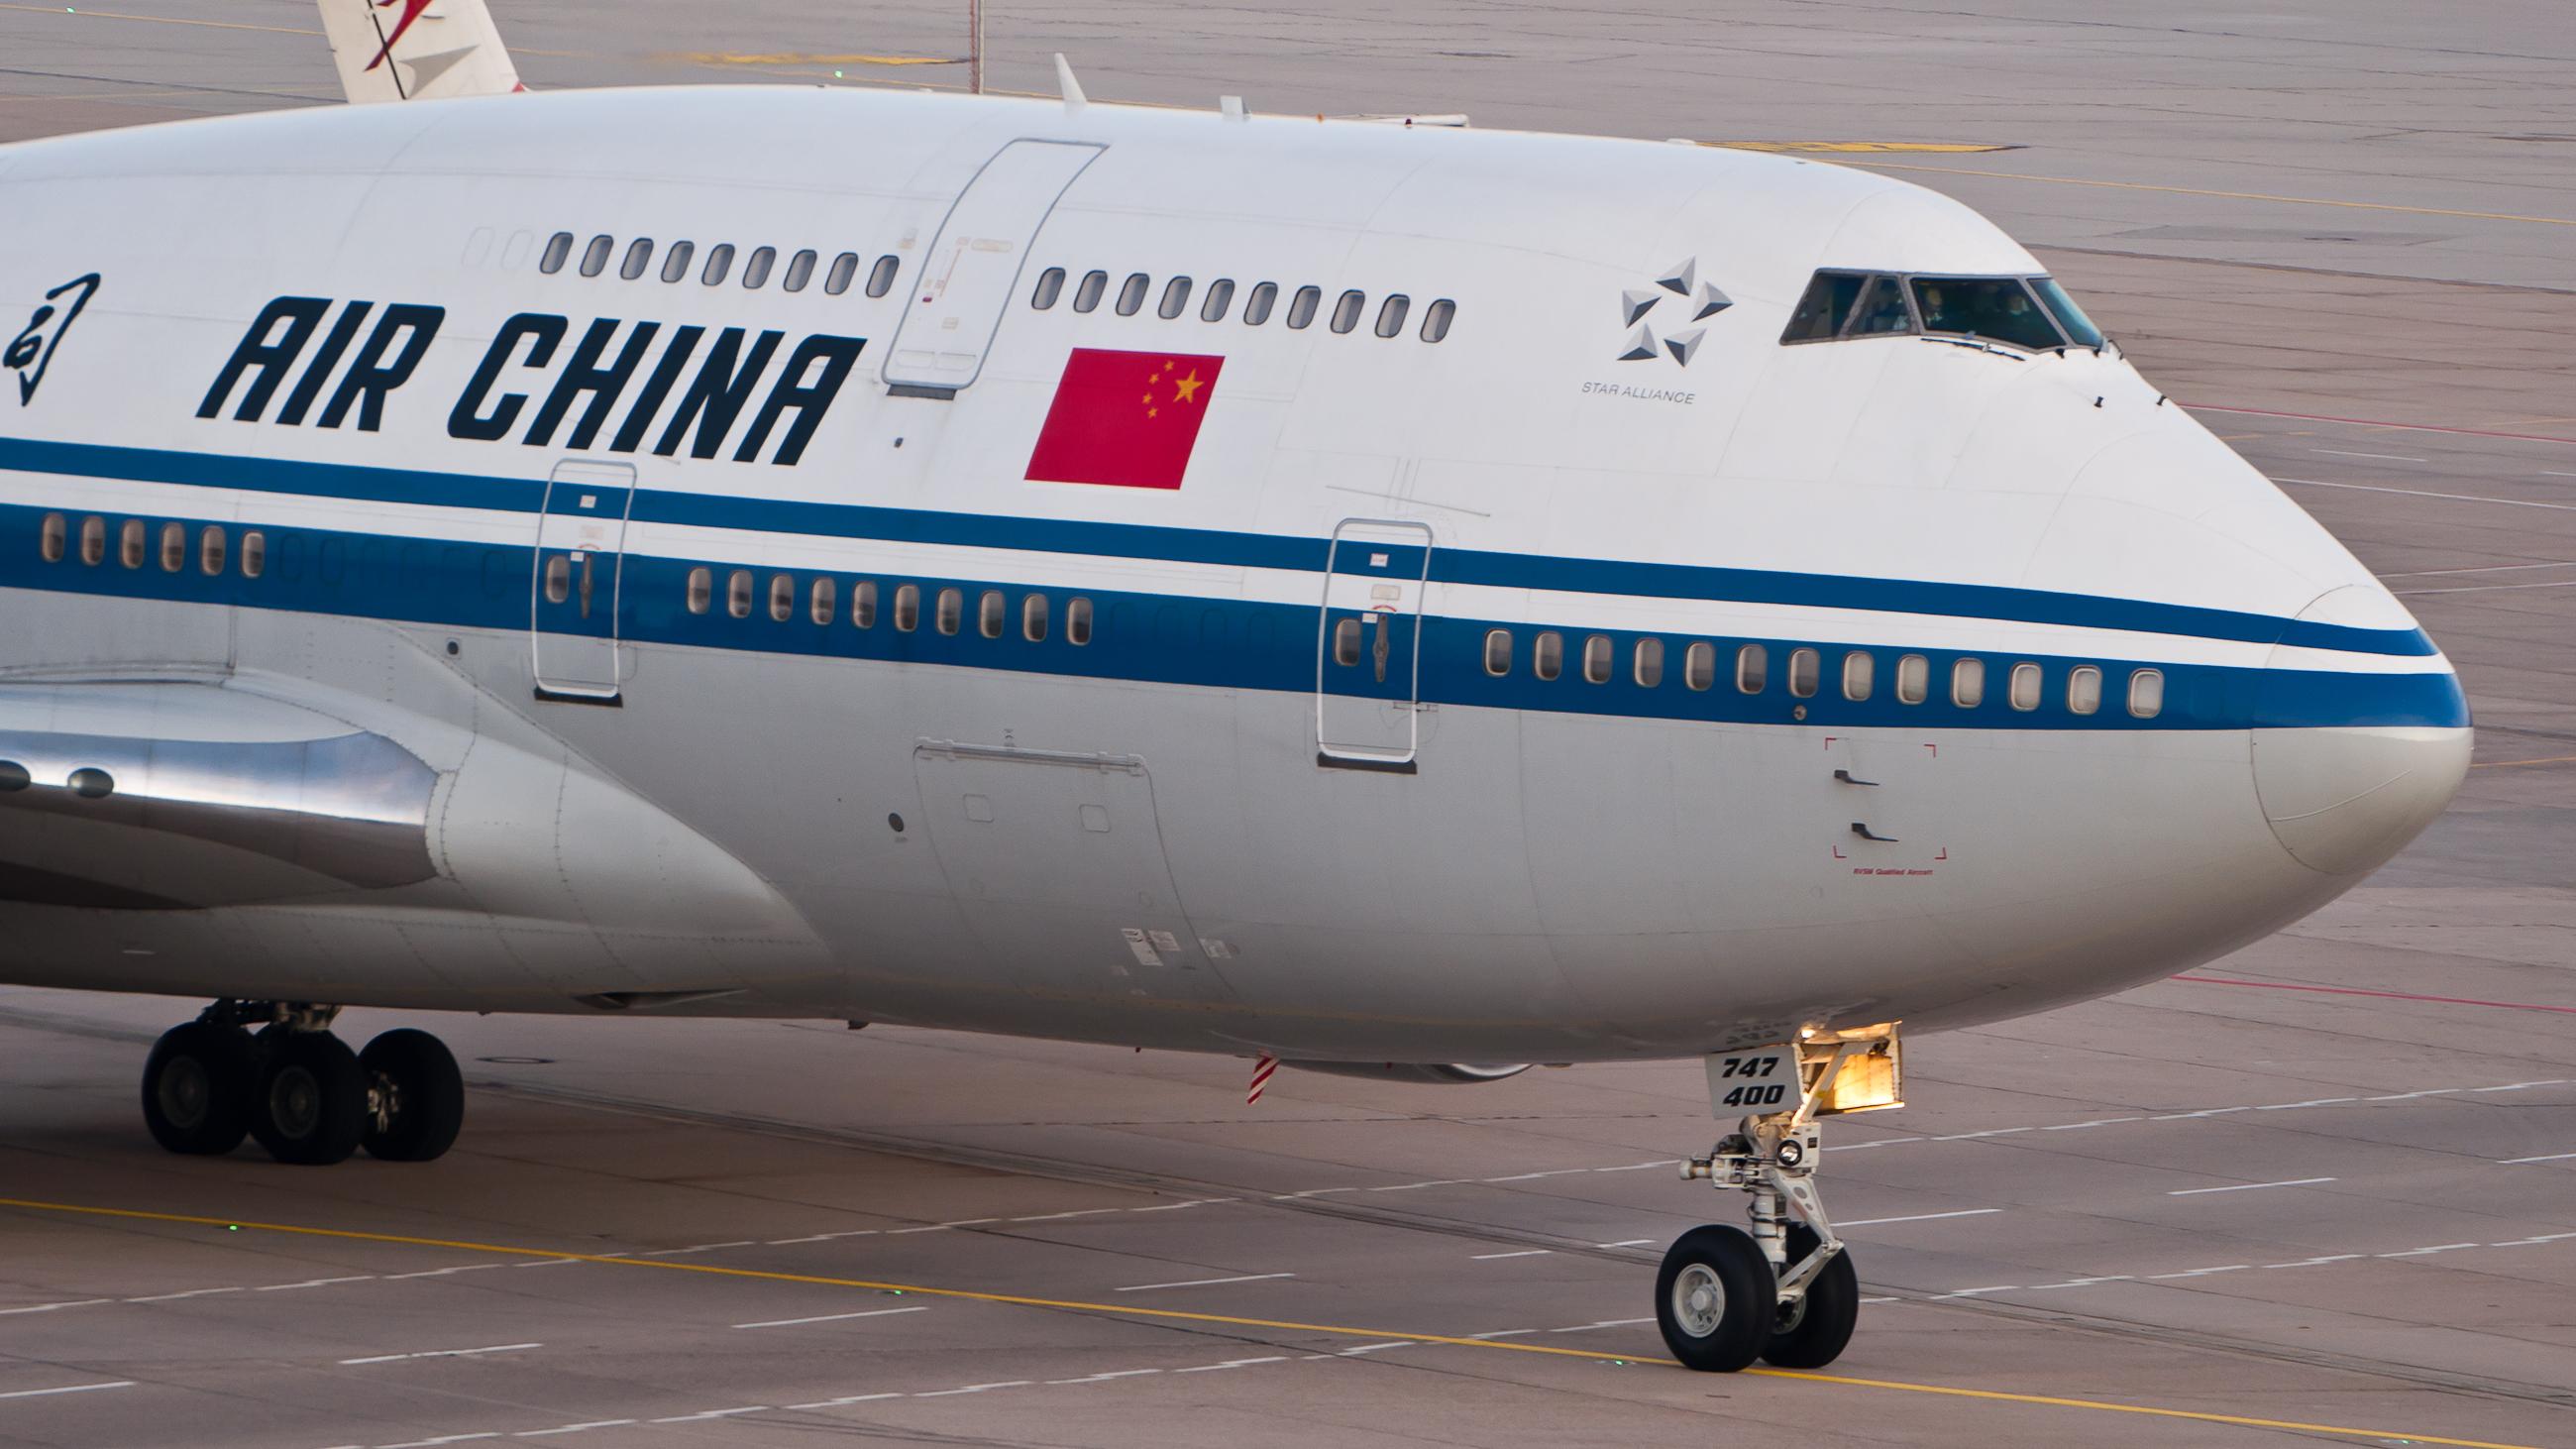 File:Air China B747-4J6 B-2447 EDDS 04.jpg